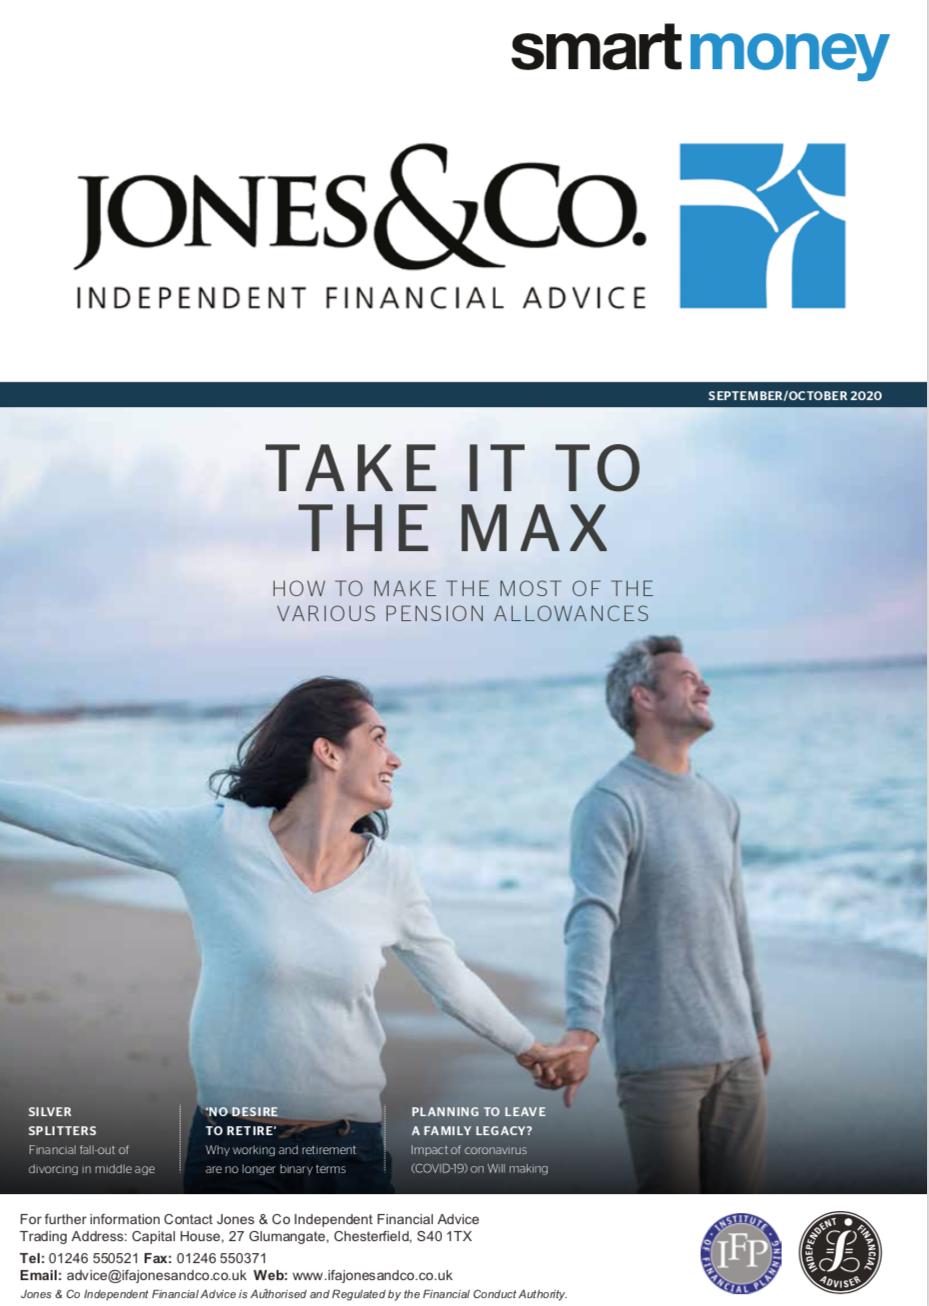 Smart Money Magazine: September/October